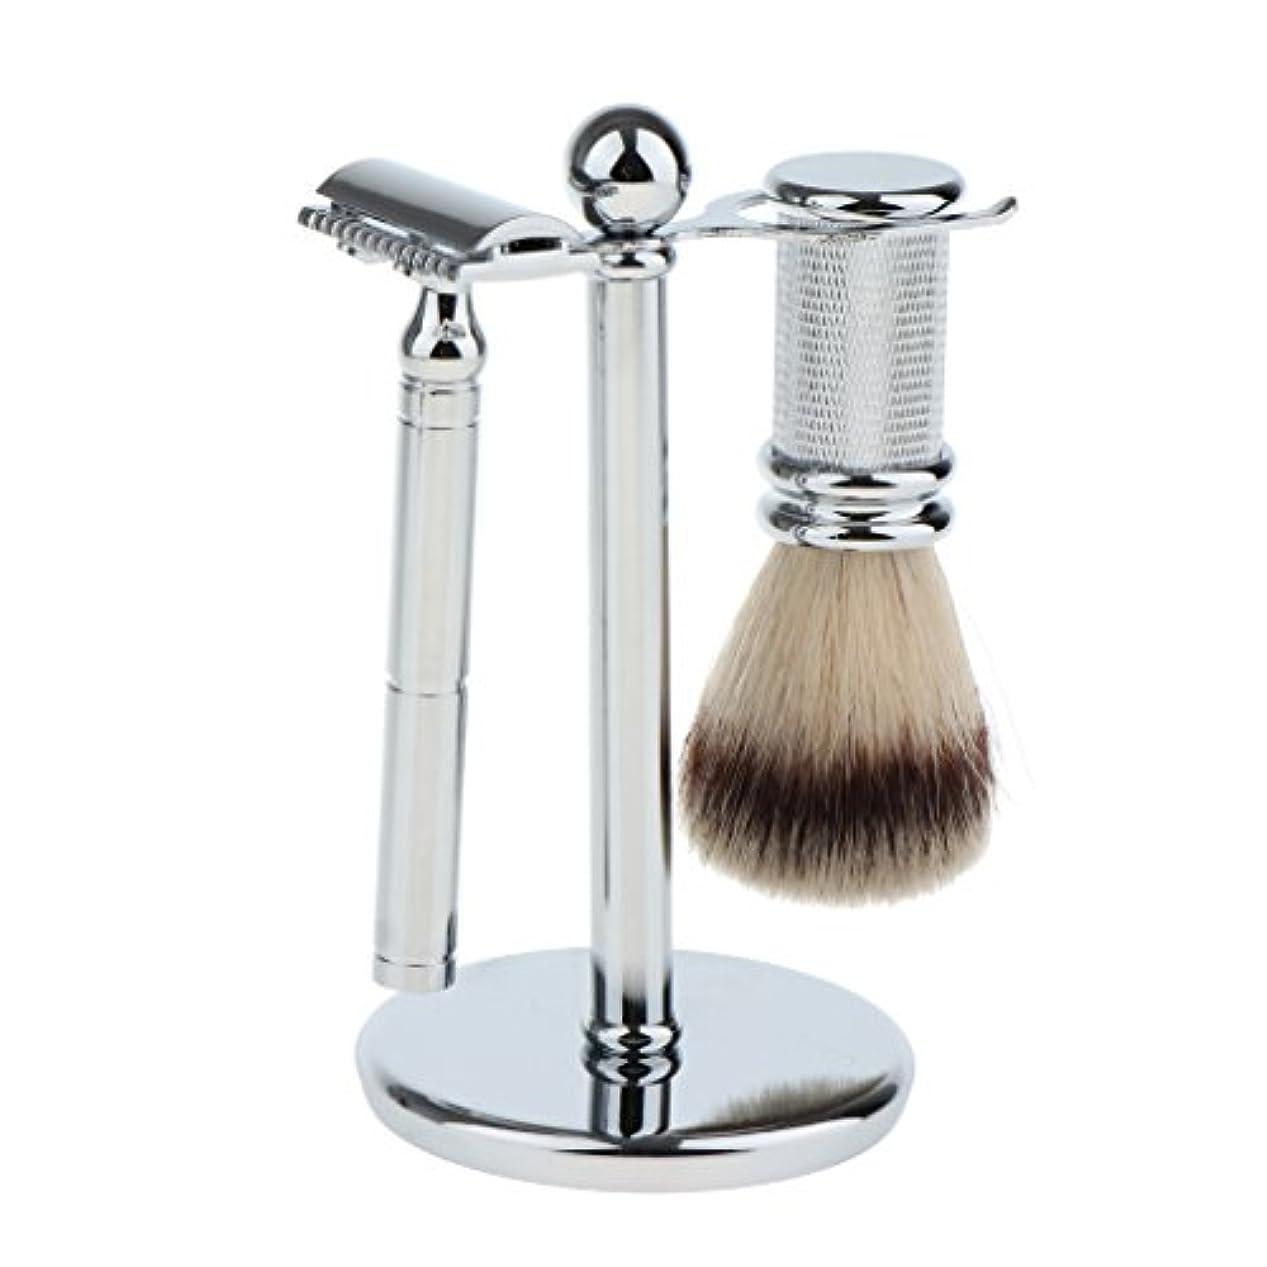 誰でもブランク間違いなくFenteer スタンド ブラシ マニュアルシェーバー 3本セット 男性用 シェービング ブラシスタンド ダブルエッジ 剃刀